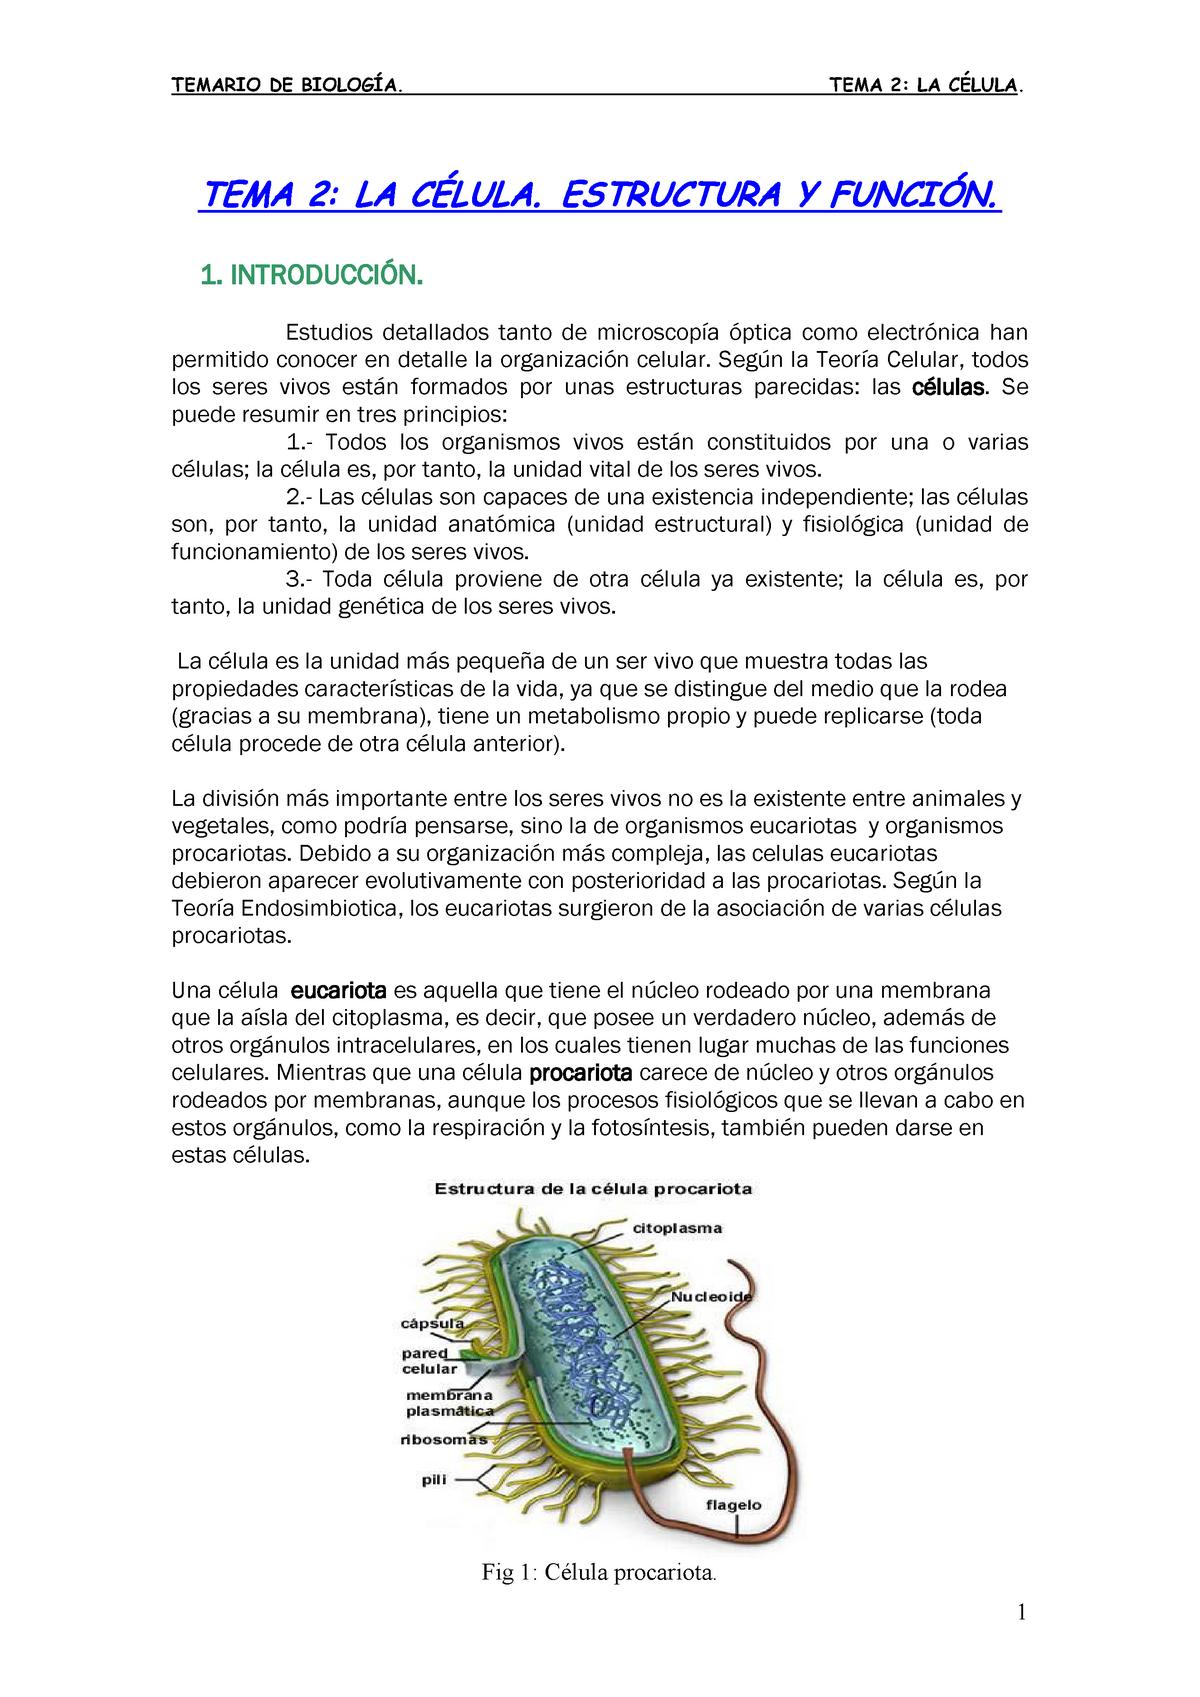 43b6a88358640 E97d20e526f1b43d511 Biología Vu Studocu